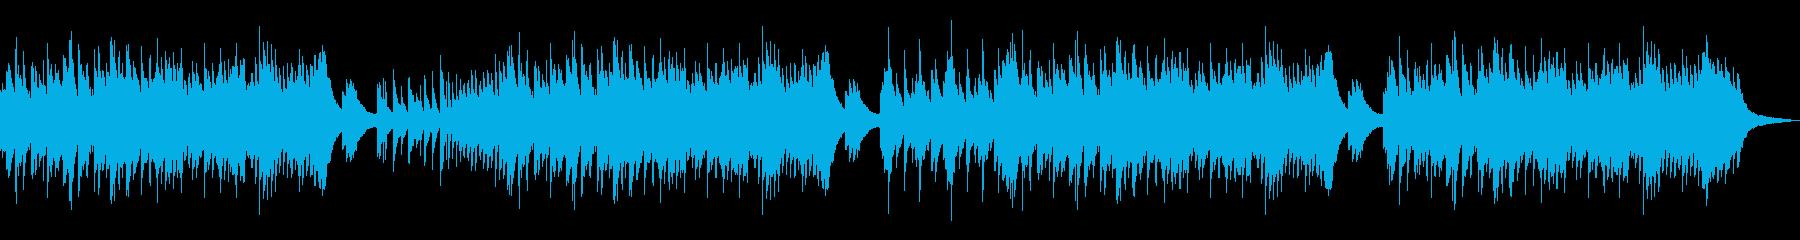 ノスタルジックで和風。優しいピアノBGMの再生済みの波形